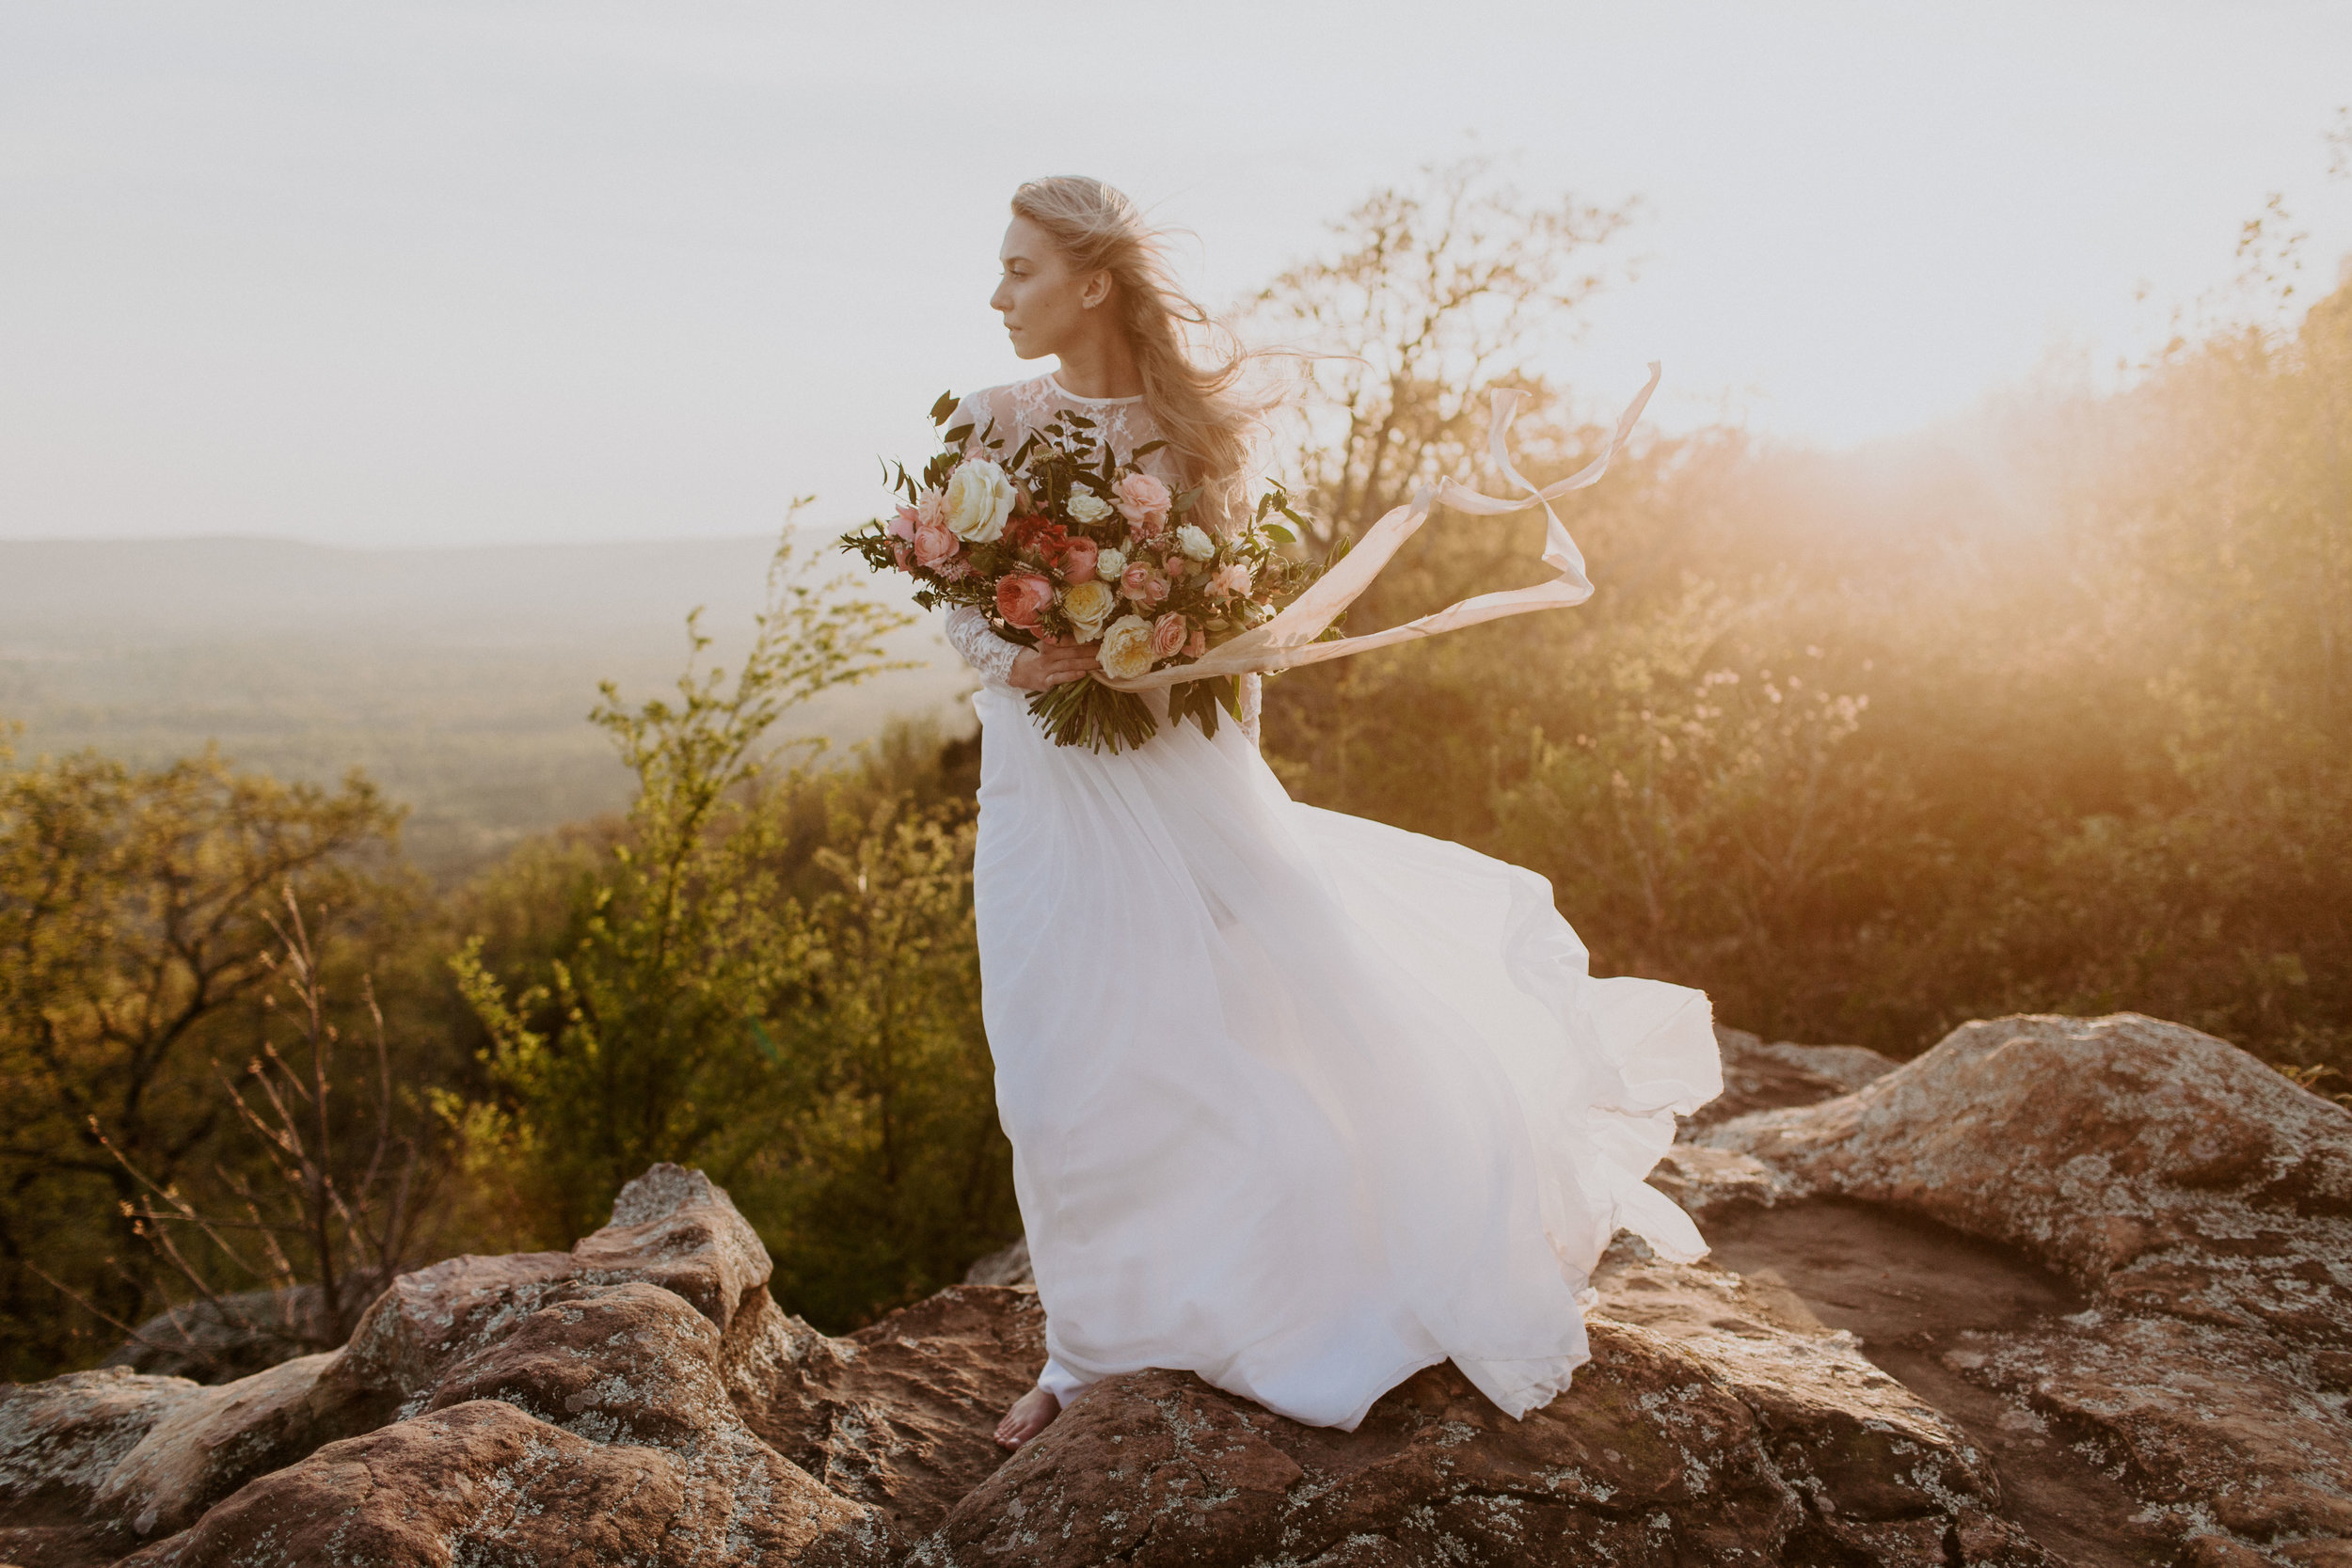 jessica-zimmerman-arkansas-florist-organic-bouquet-summer.jpg